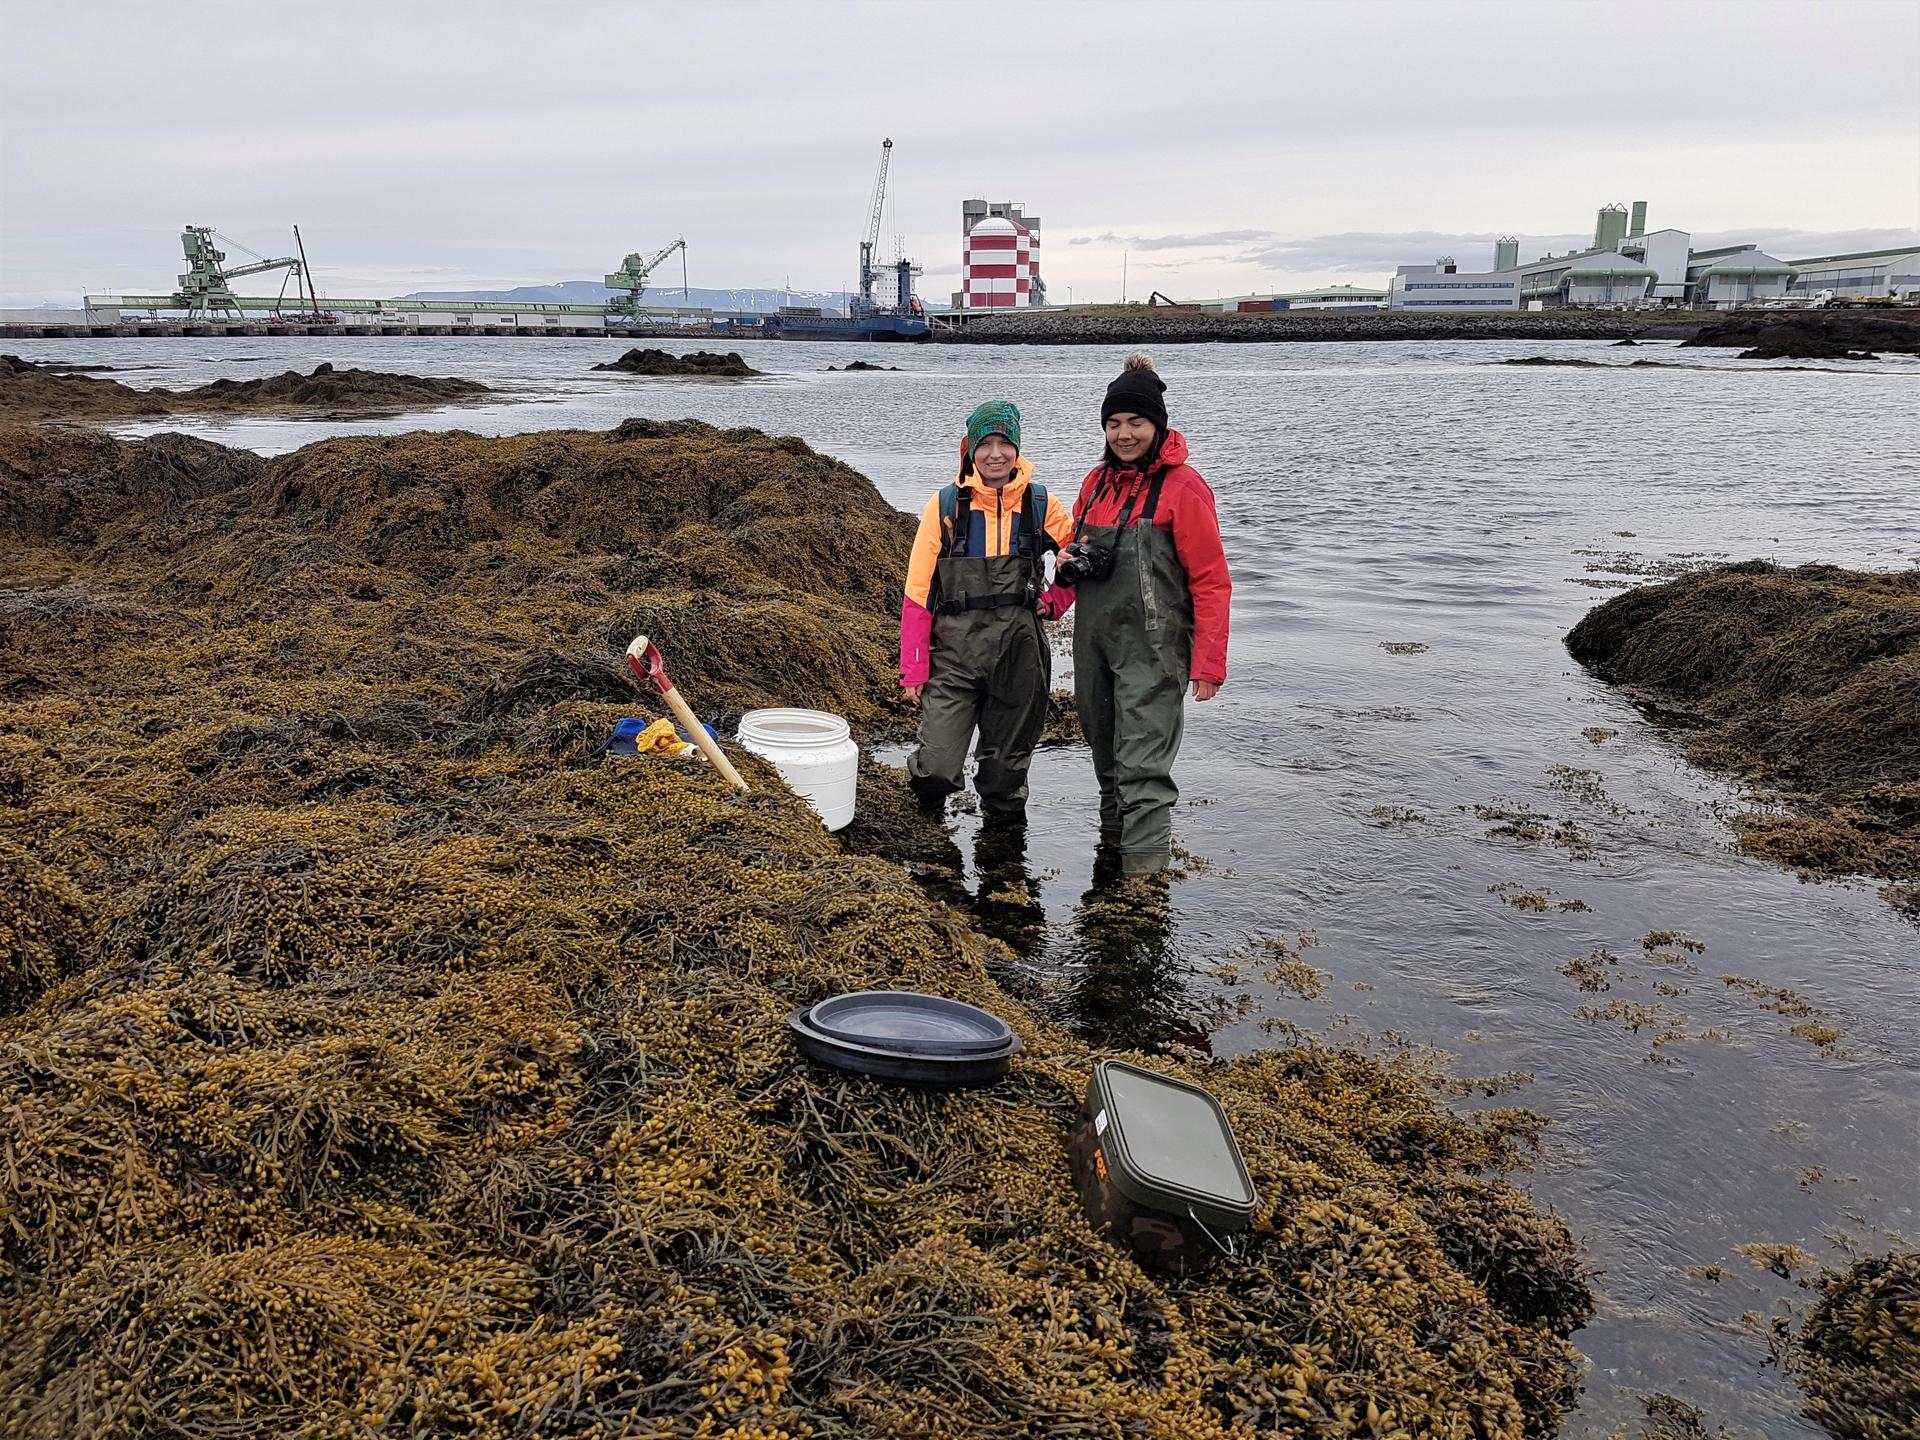 Eva Paulus og Sabine Gollner safna krabbaflóm til erfðarannsókna í Straumsvík á Reykjanesi